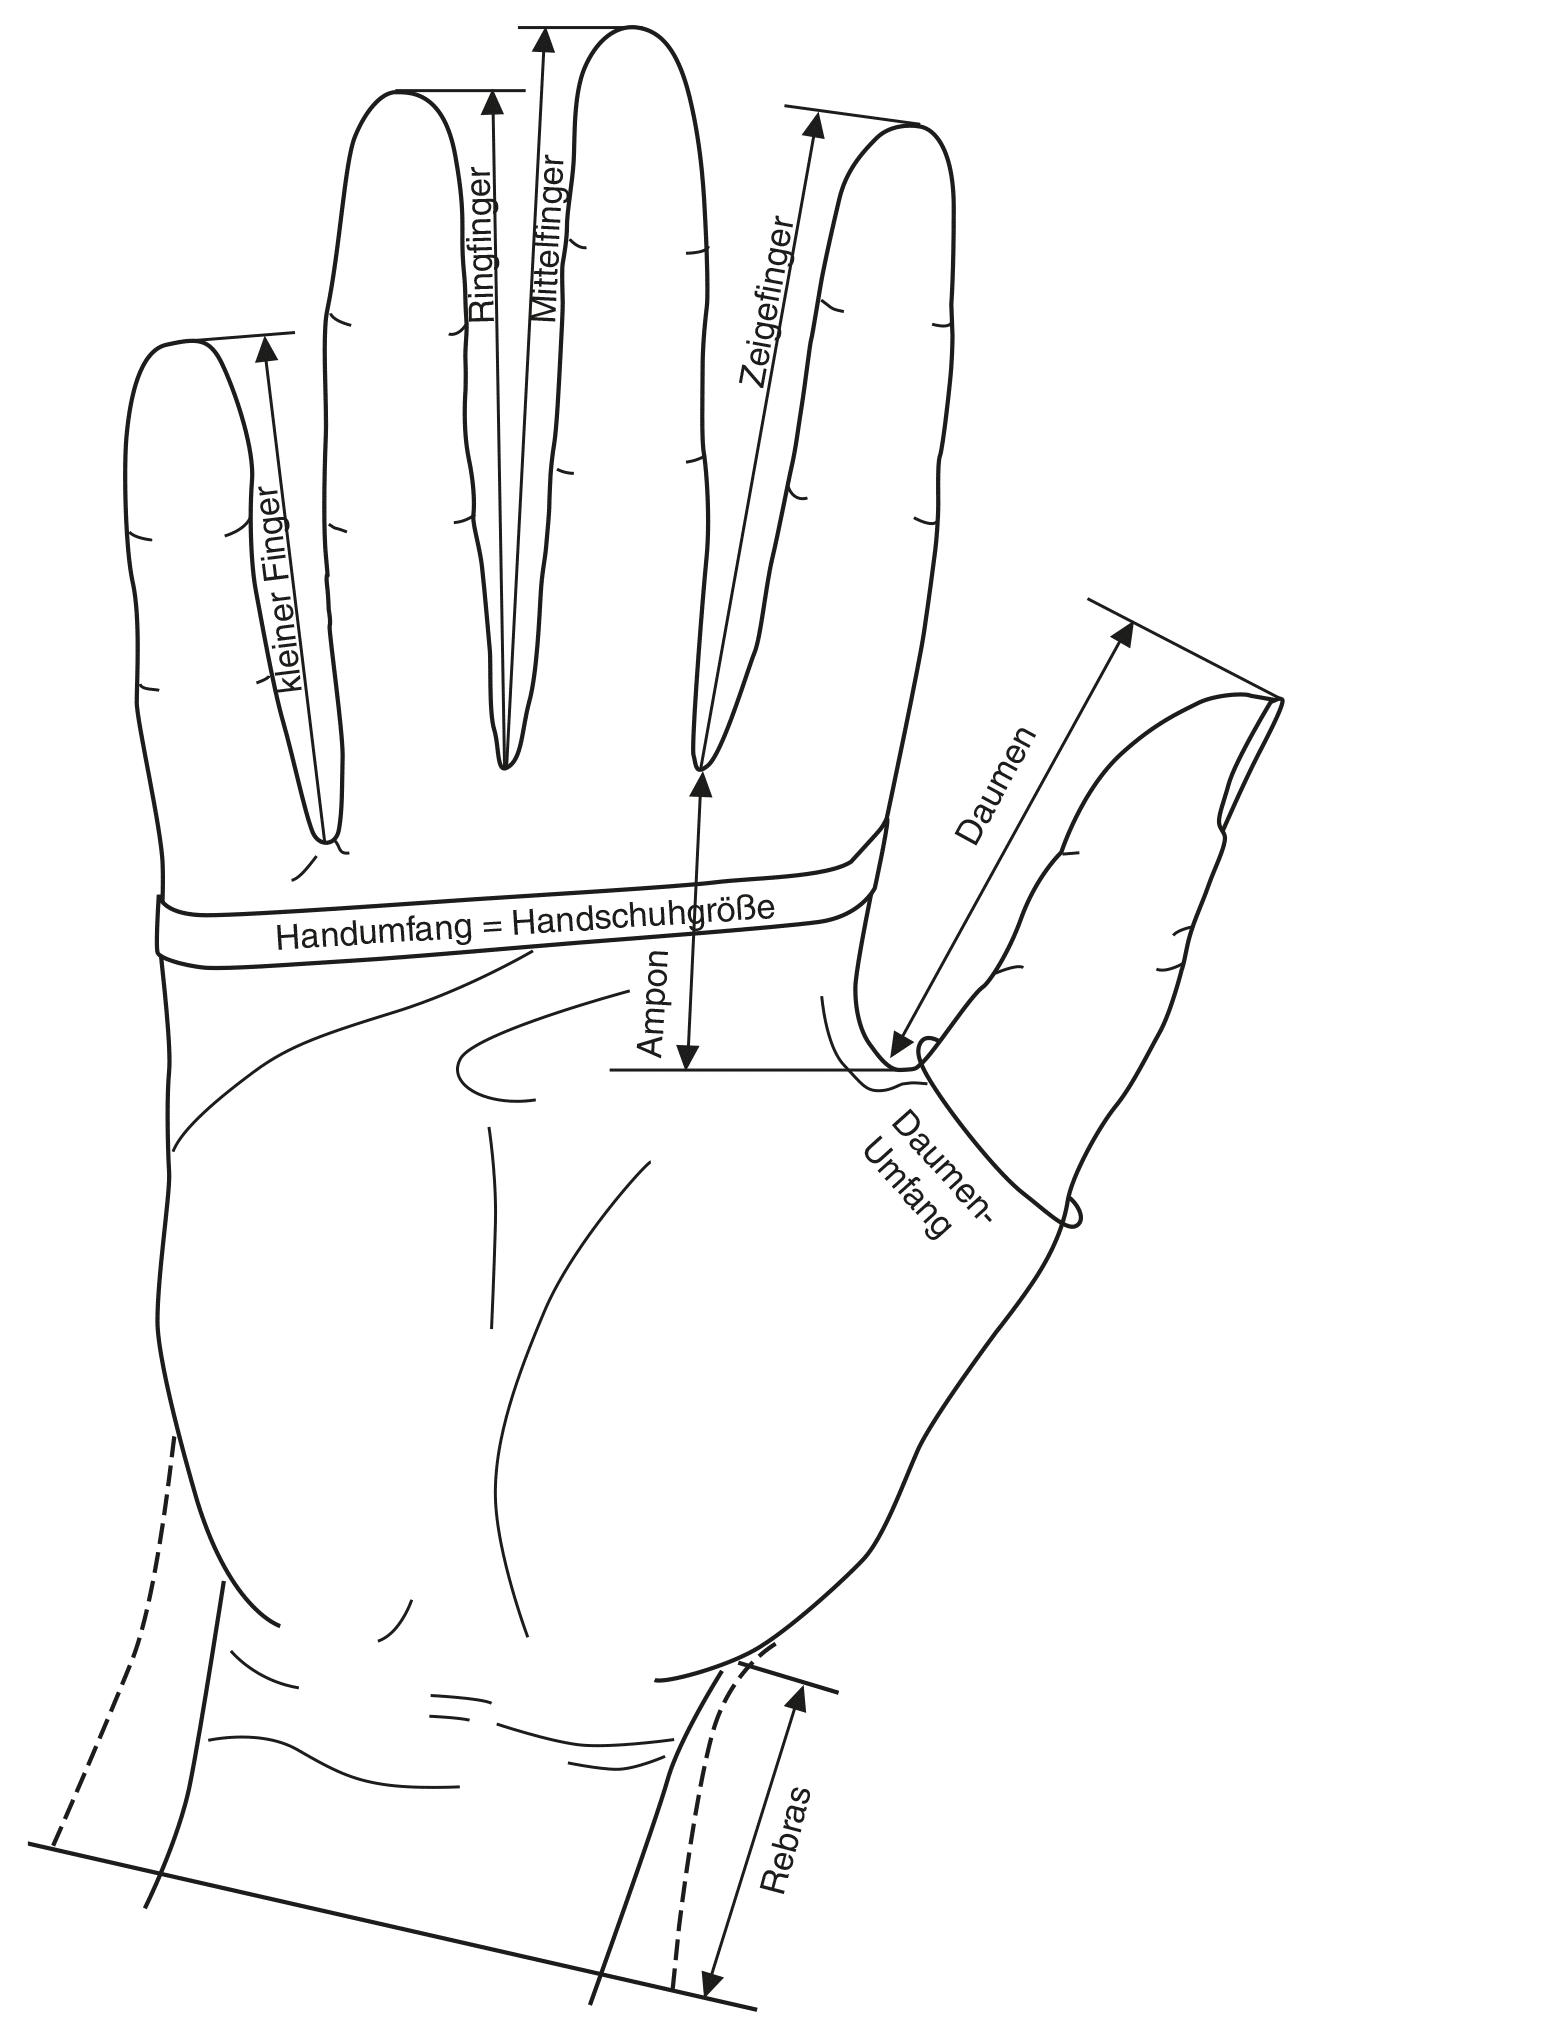 Gezeigt wird anhand einer technischen Zeichnung das Maßnehmen einer Hand für die Konstruktion eines Handschuhs.